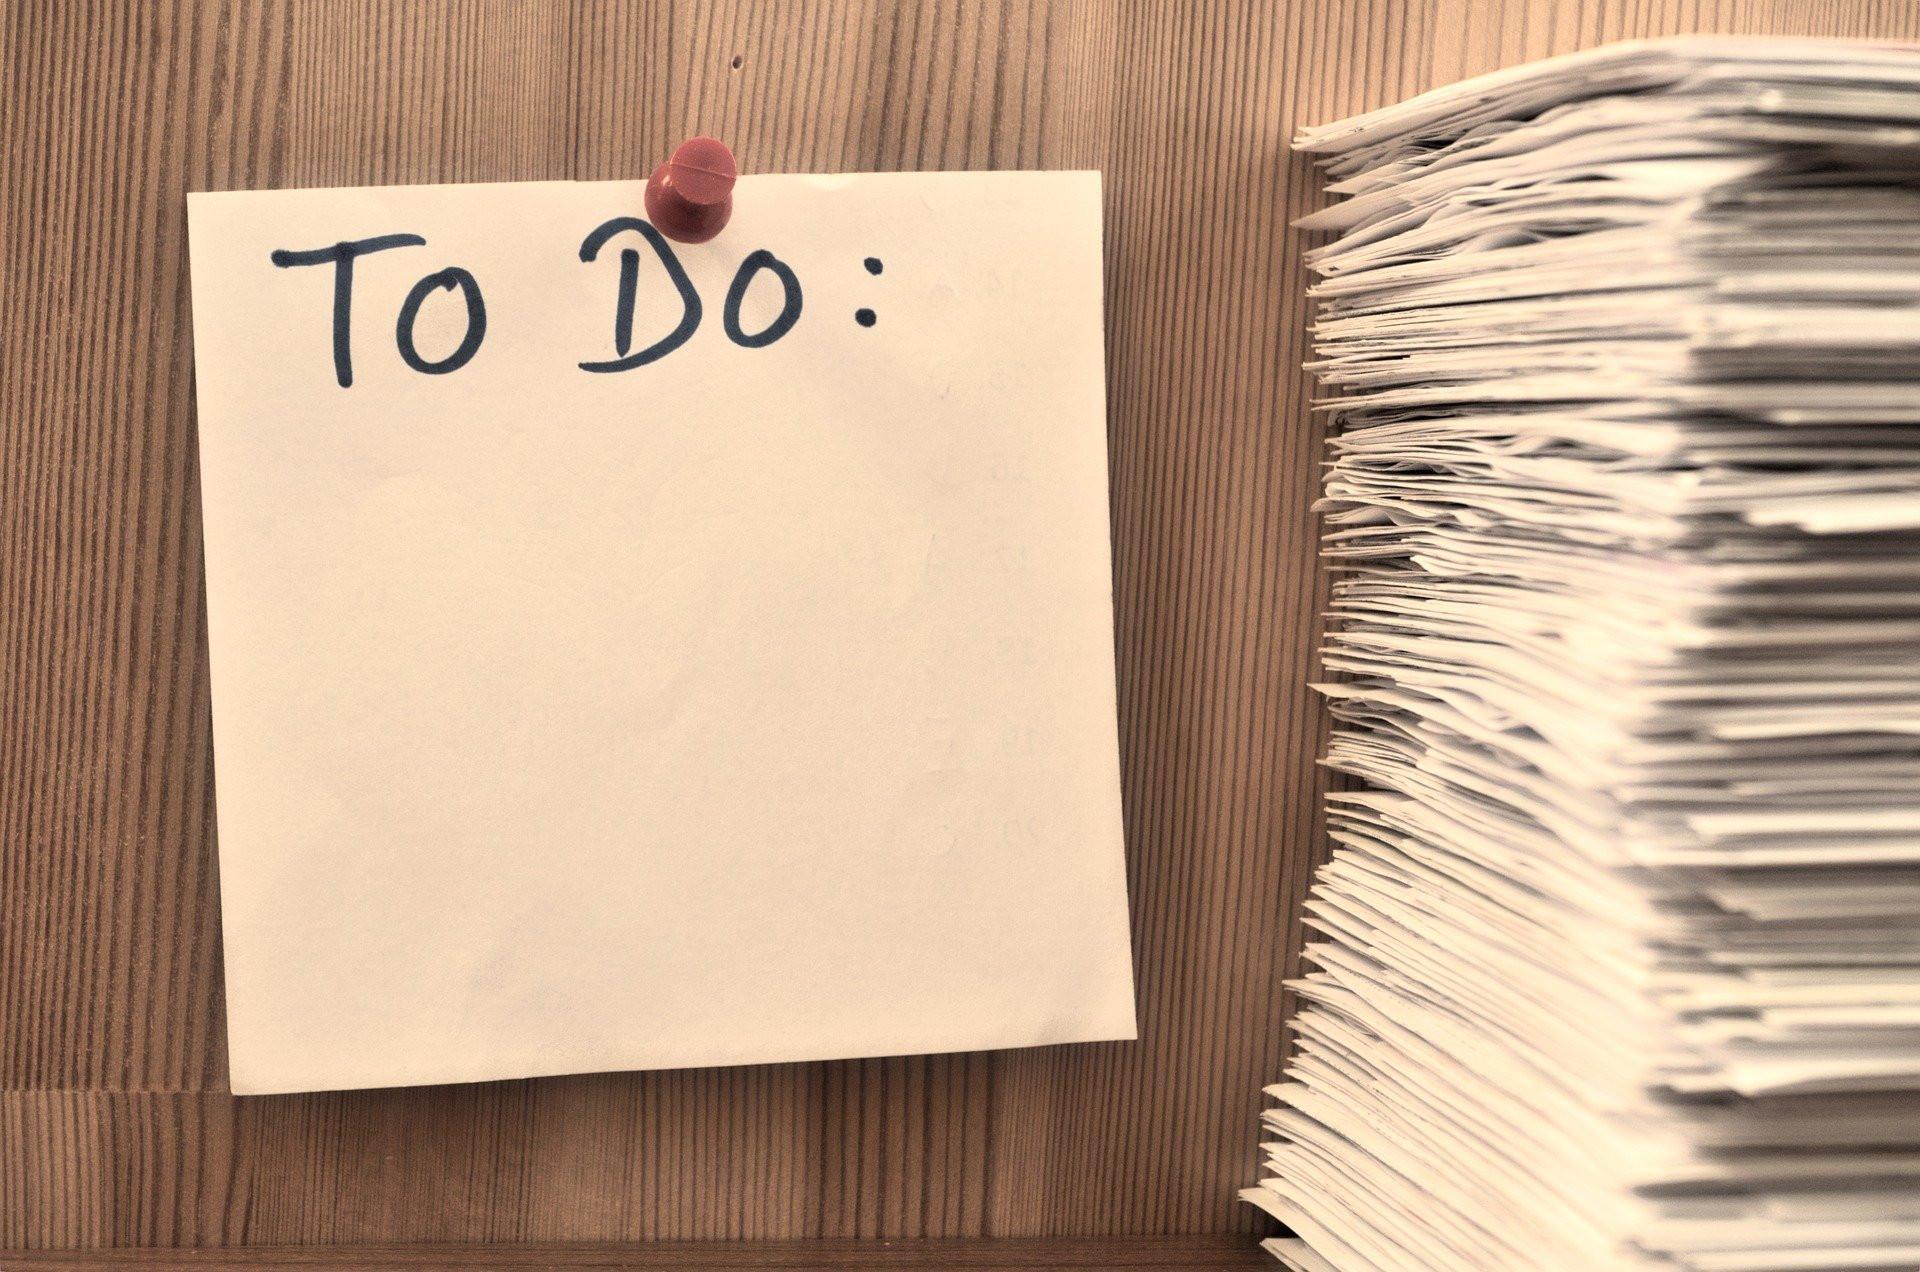 tasks-4026398_1920